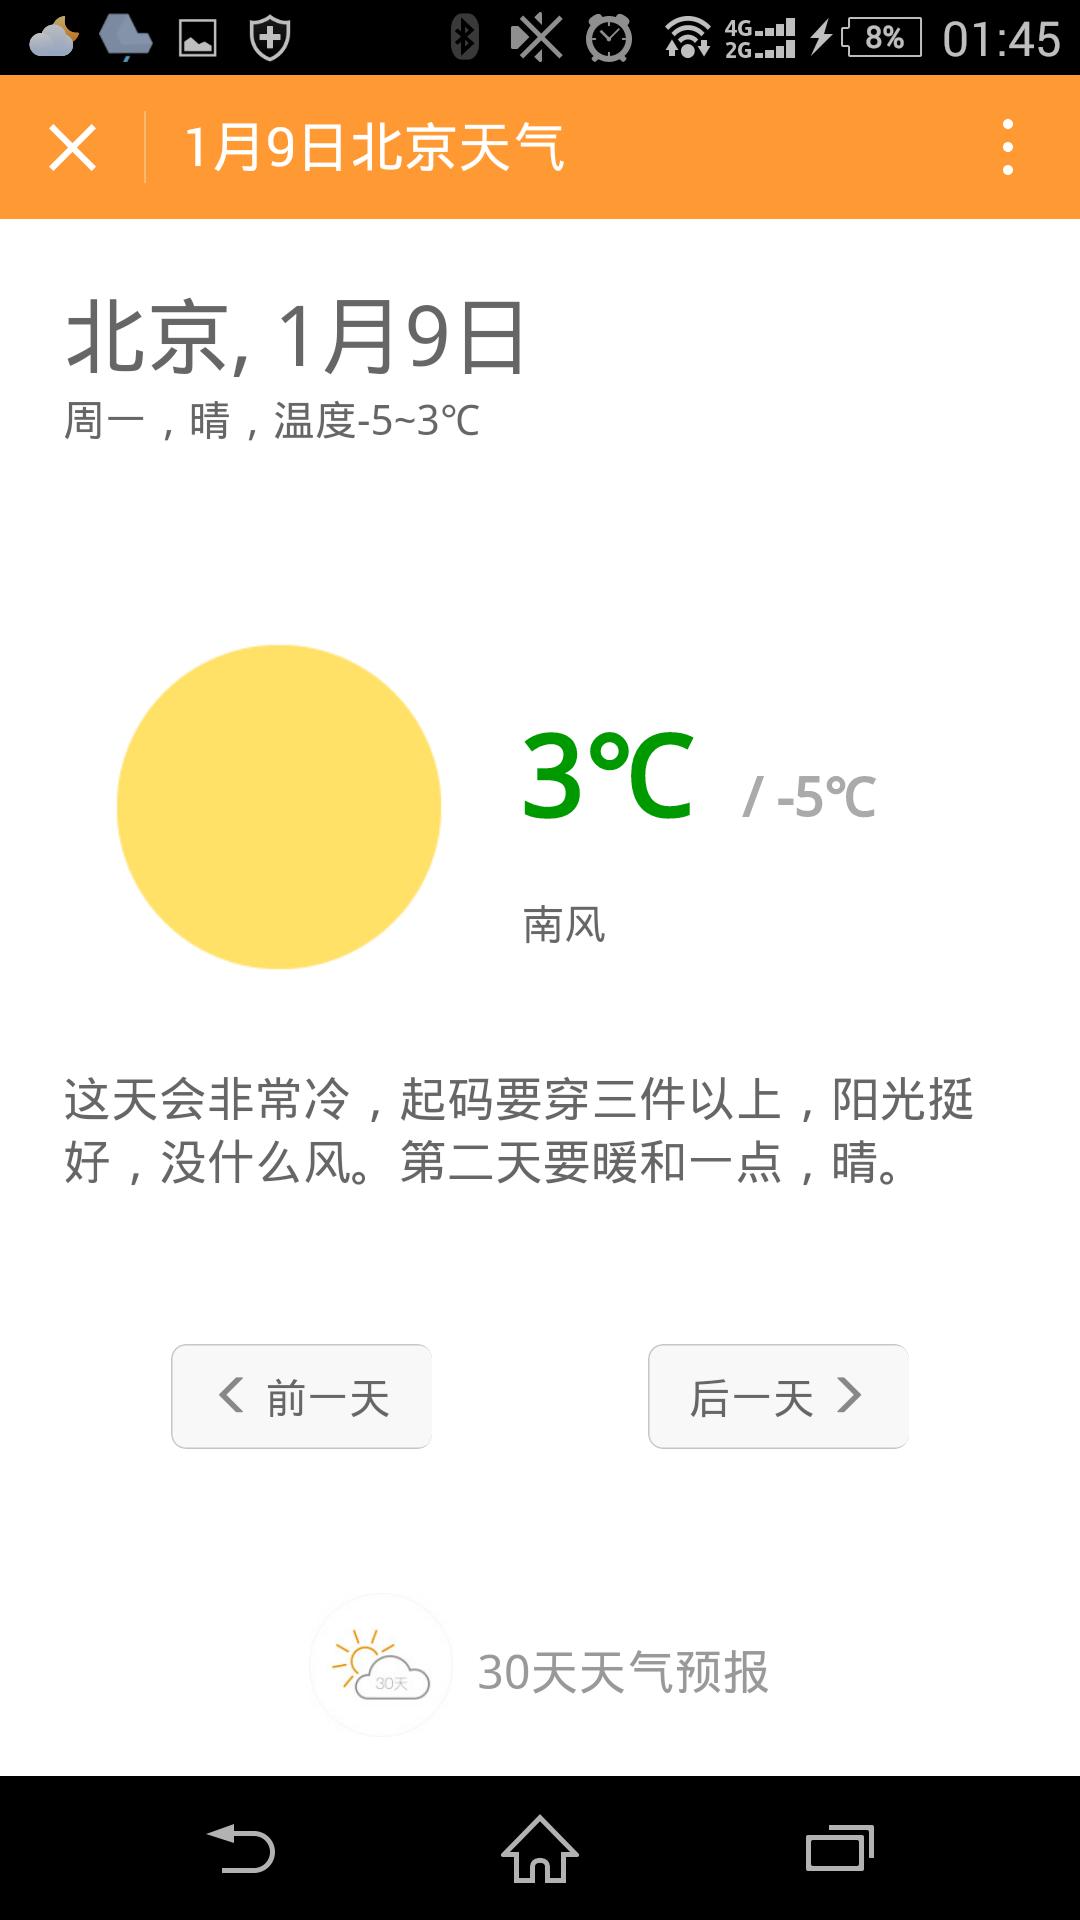 30天天气预报